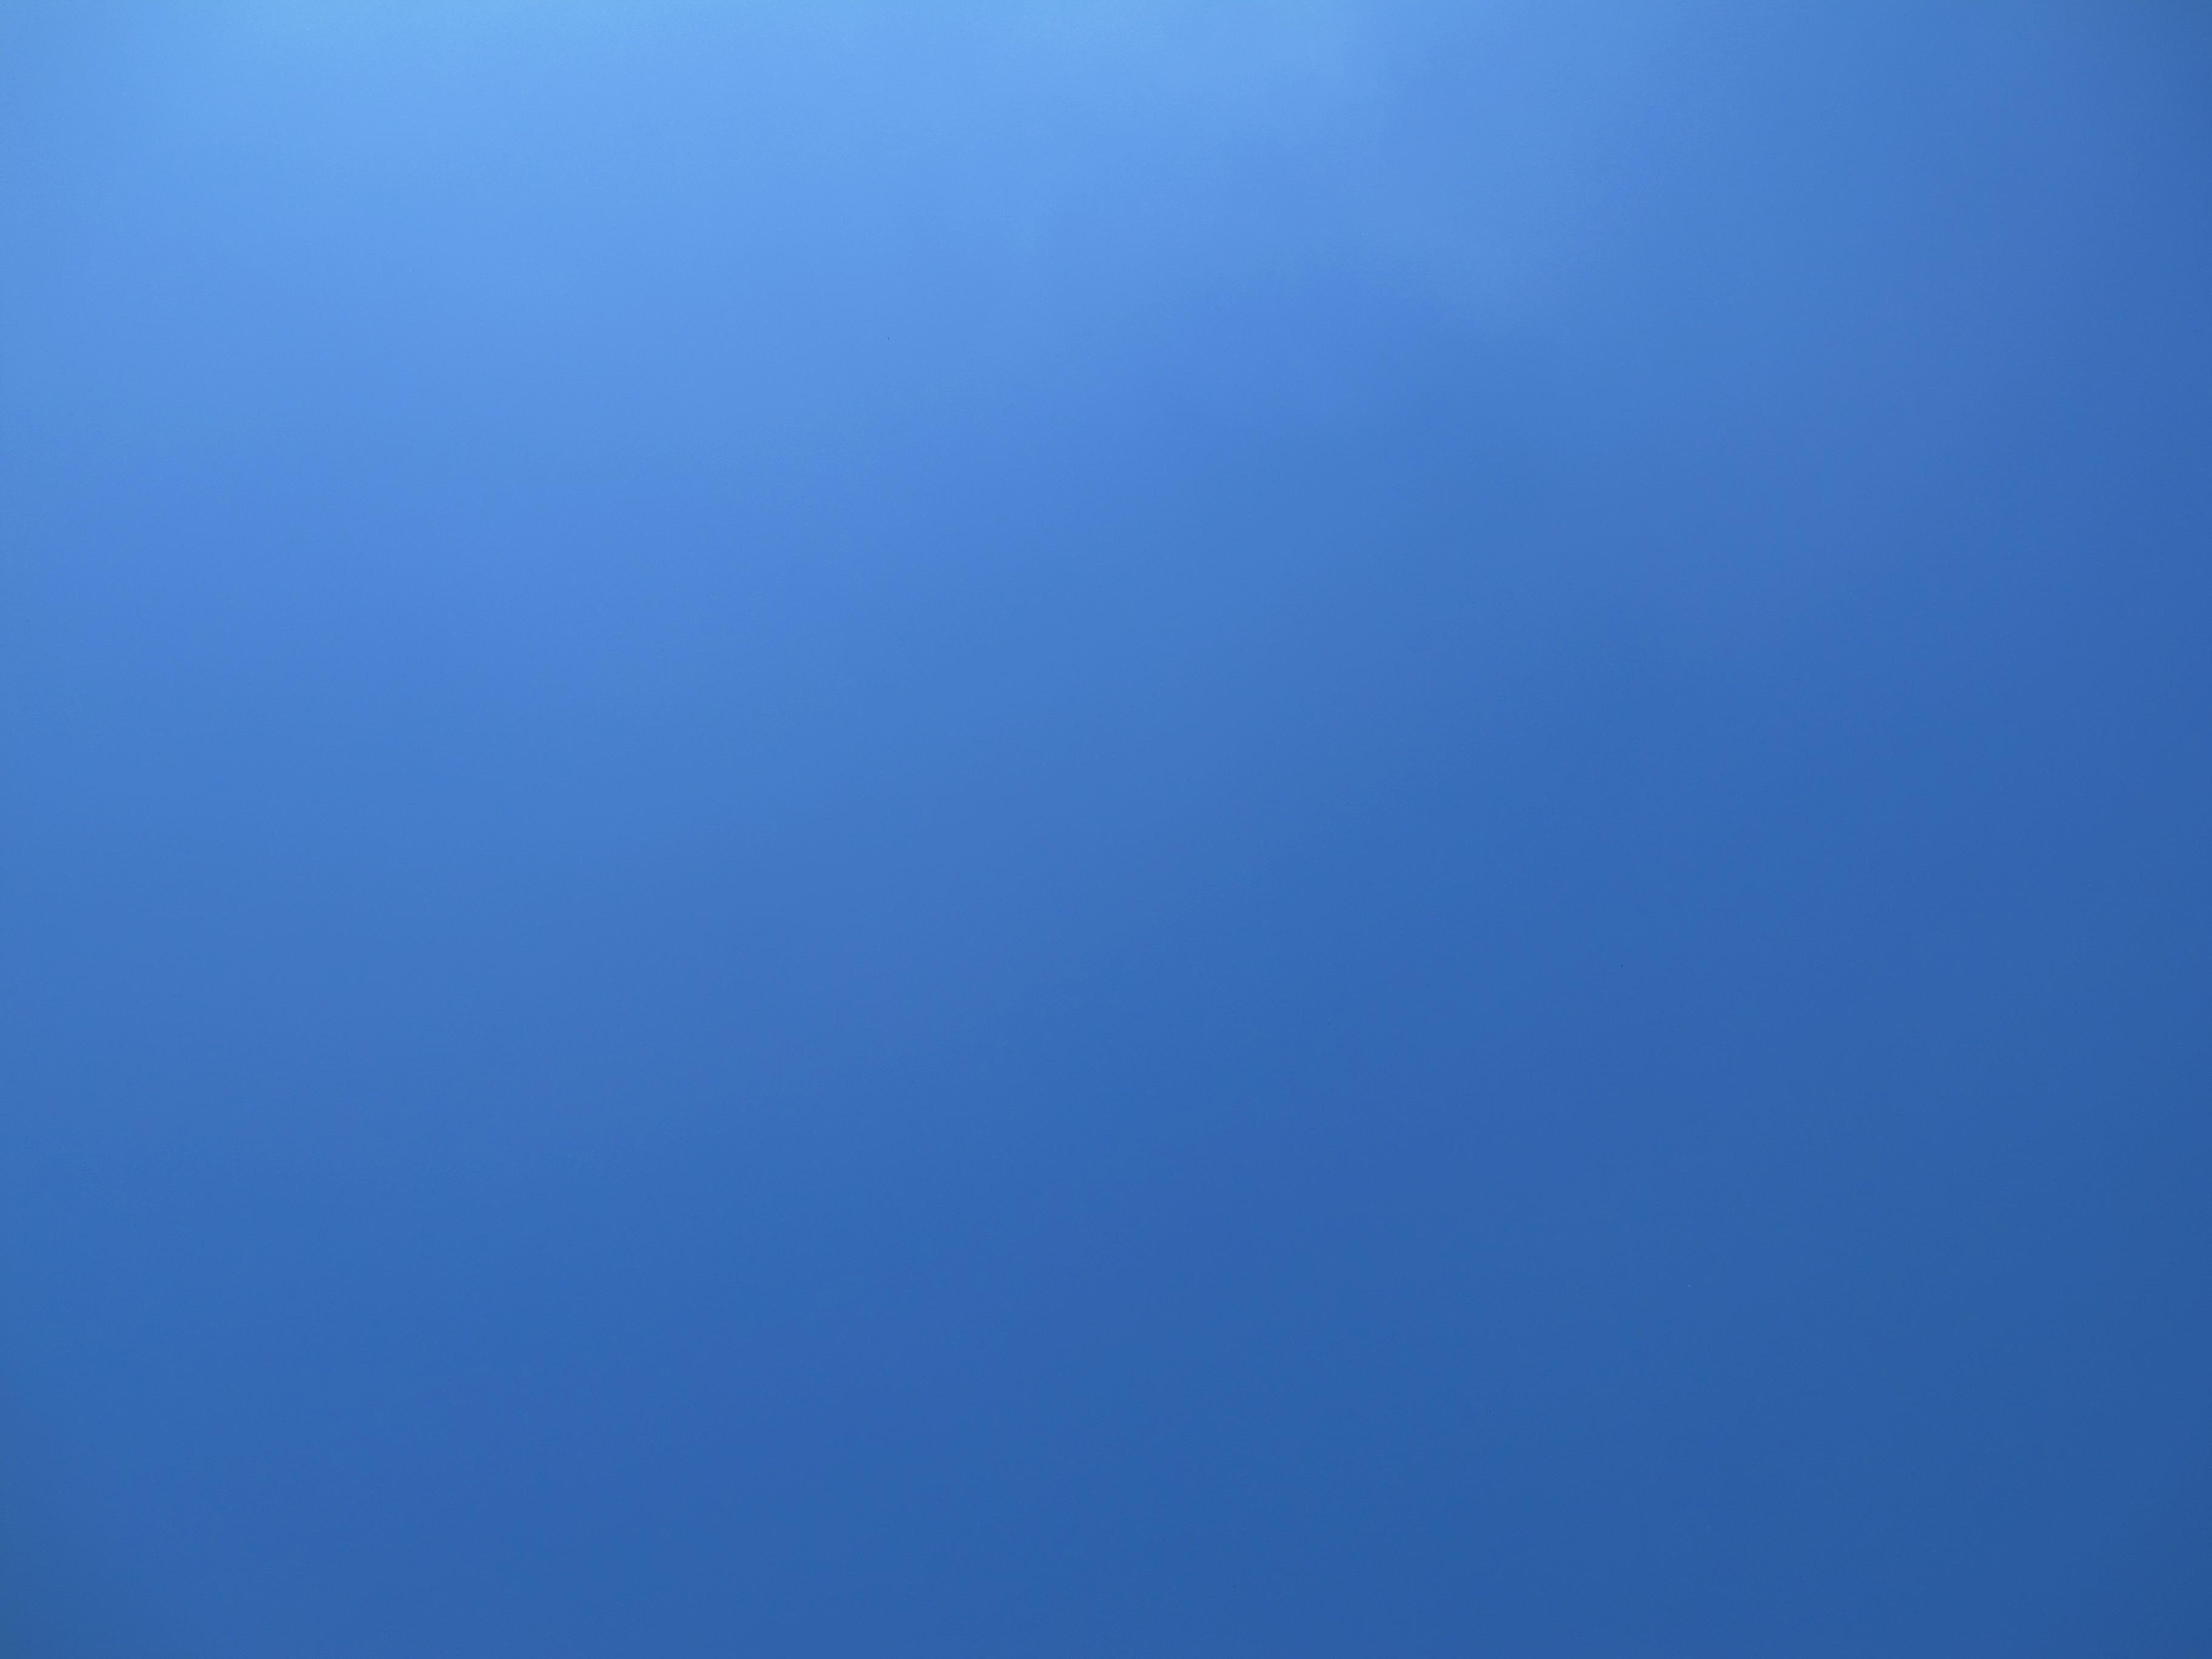 Blau – felham